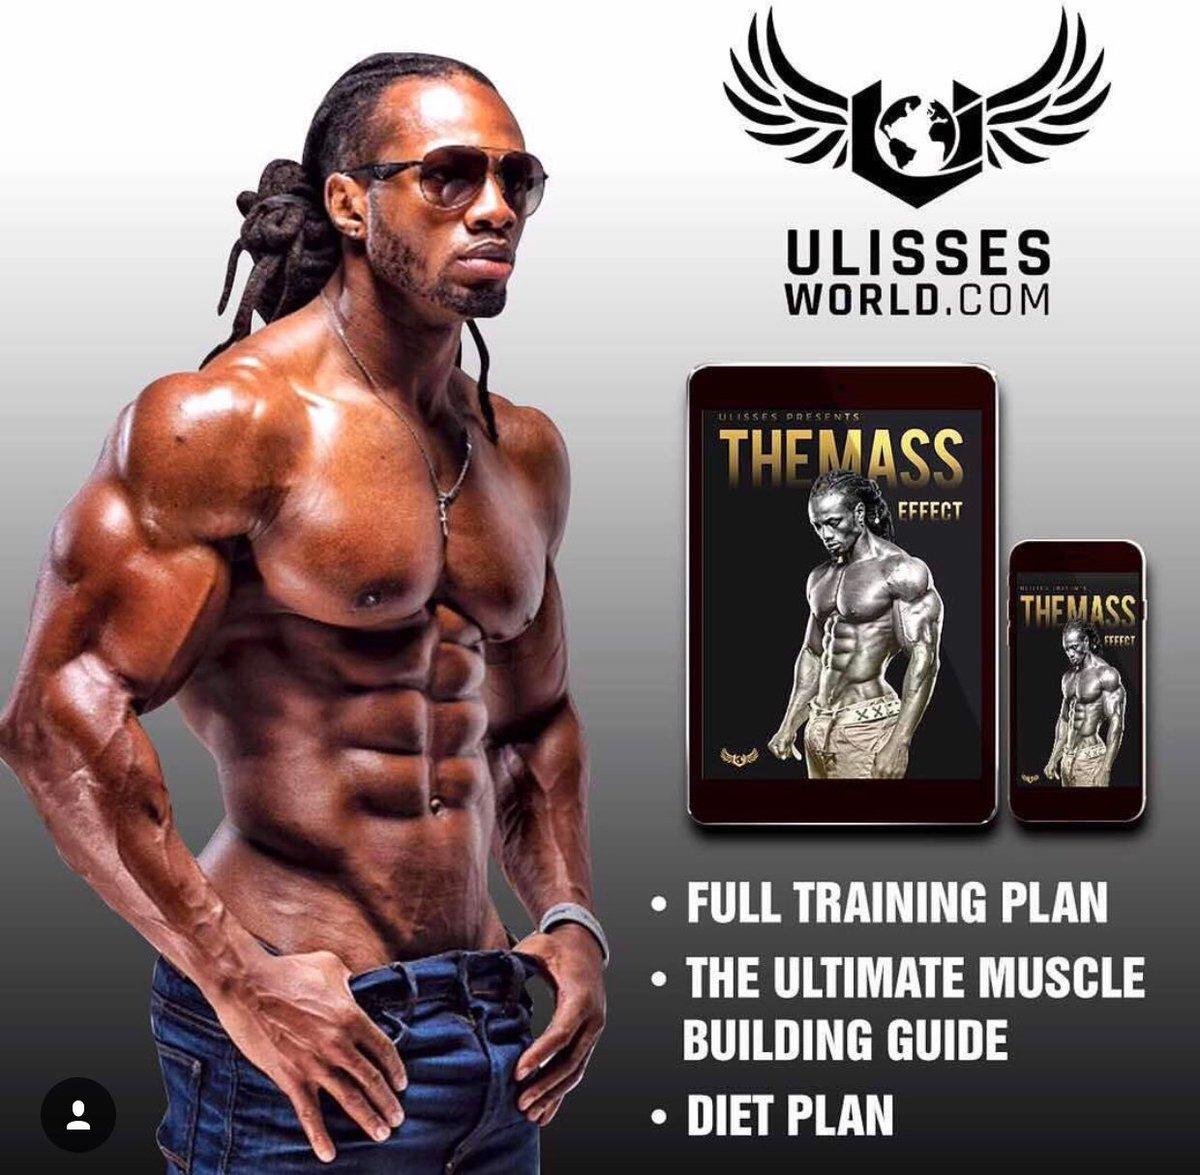 Улиссес уильямс - прогресс без стероидов